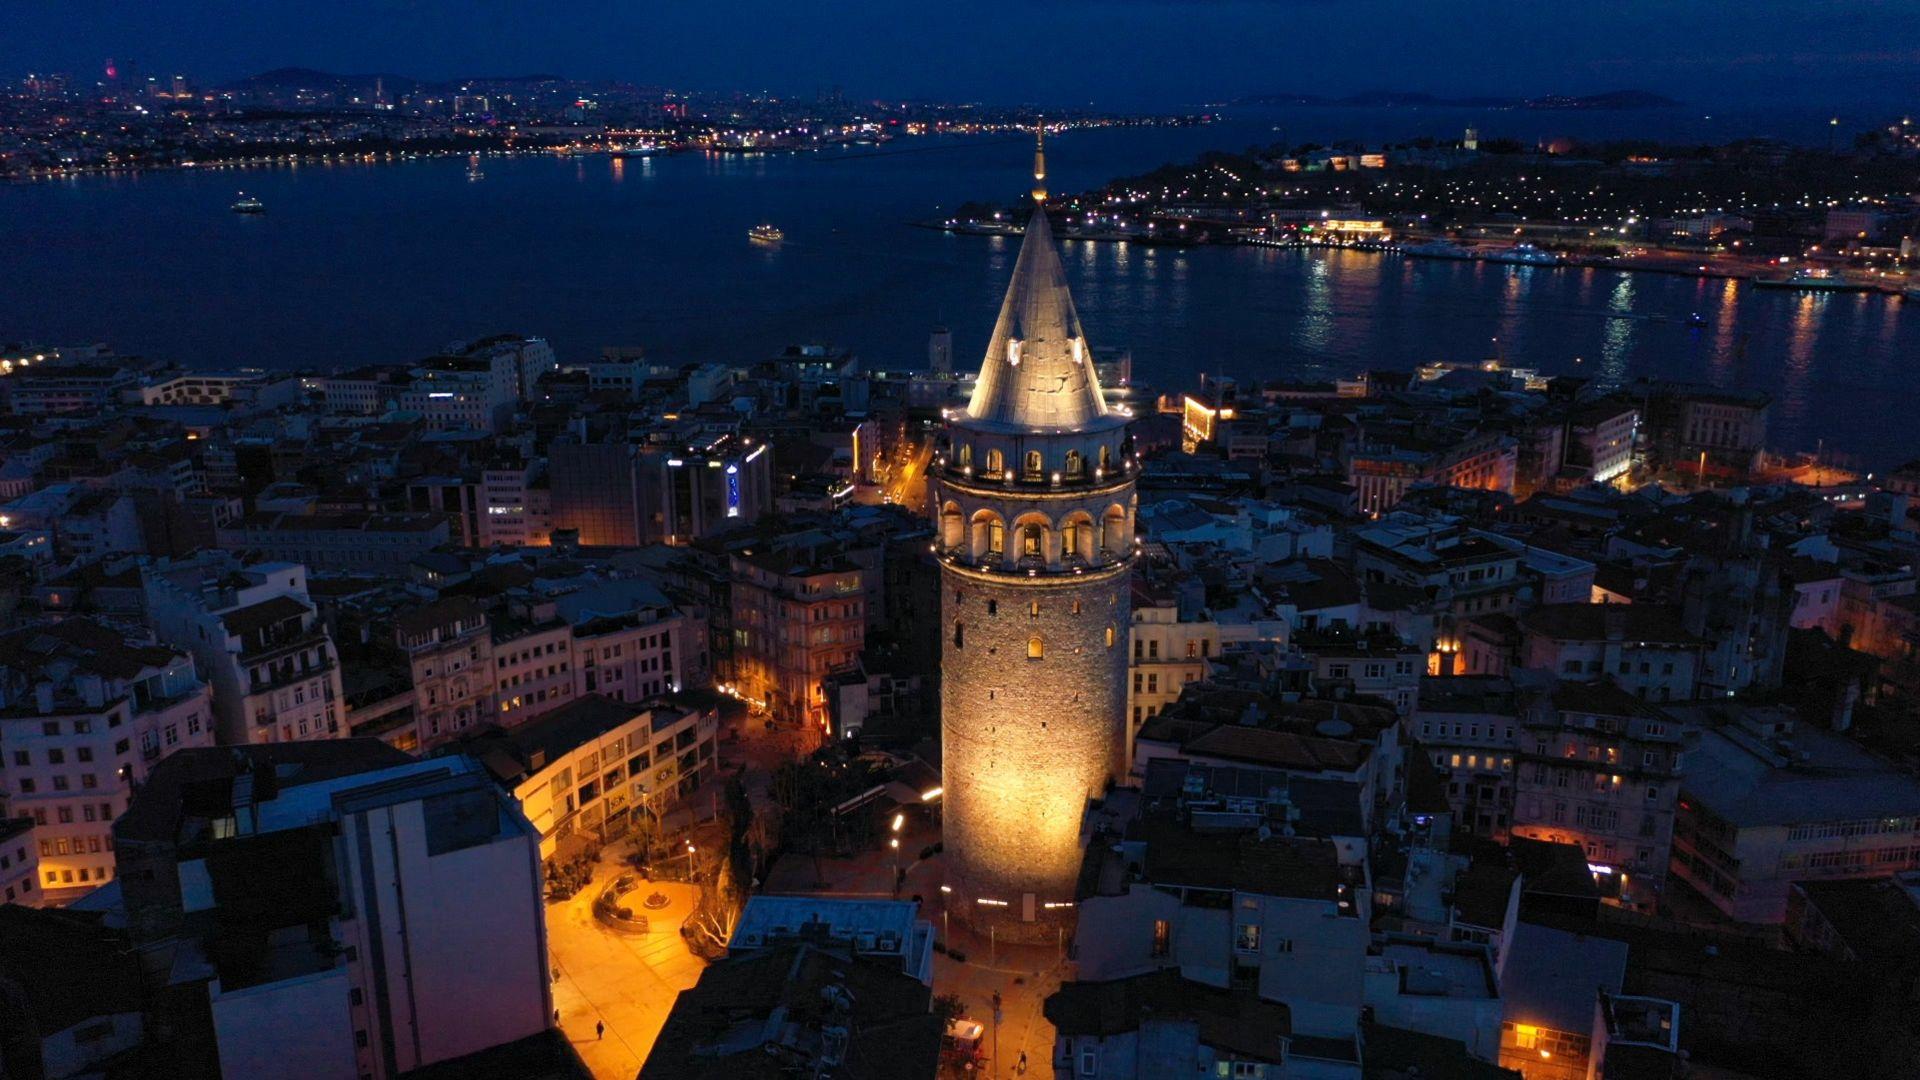 İstanbul'un gizemli hikâyelerini tanıtacak